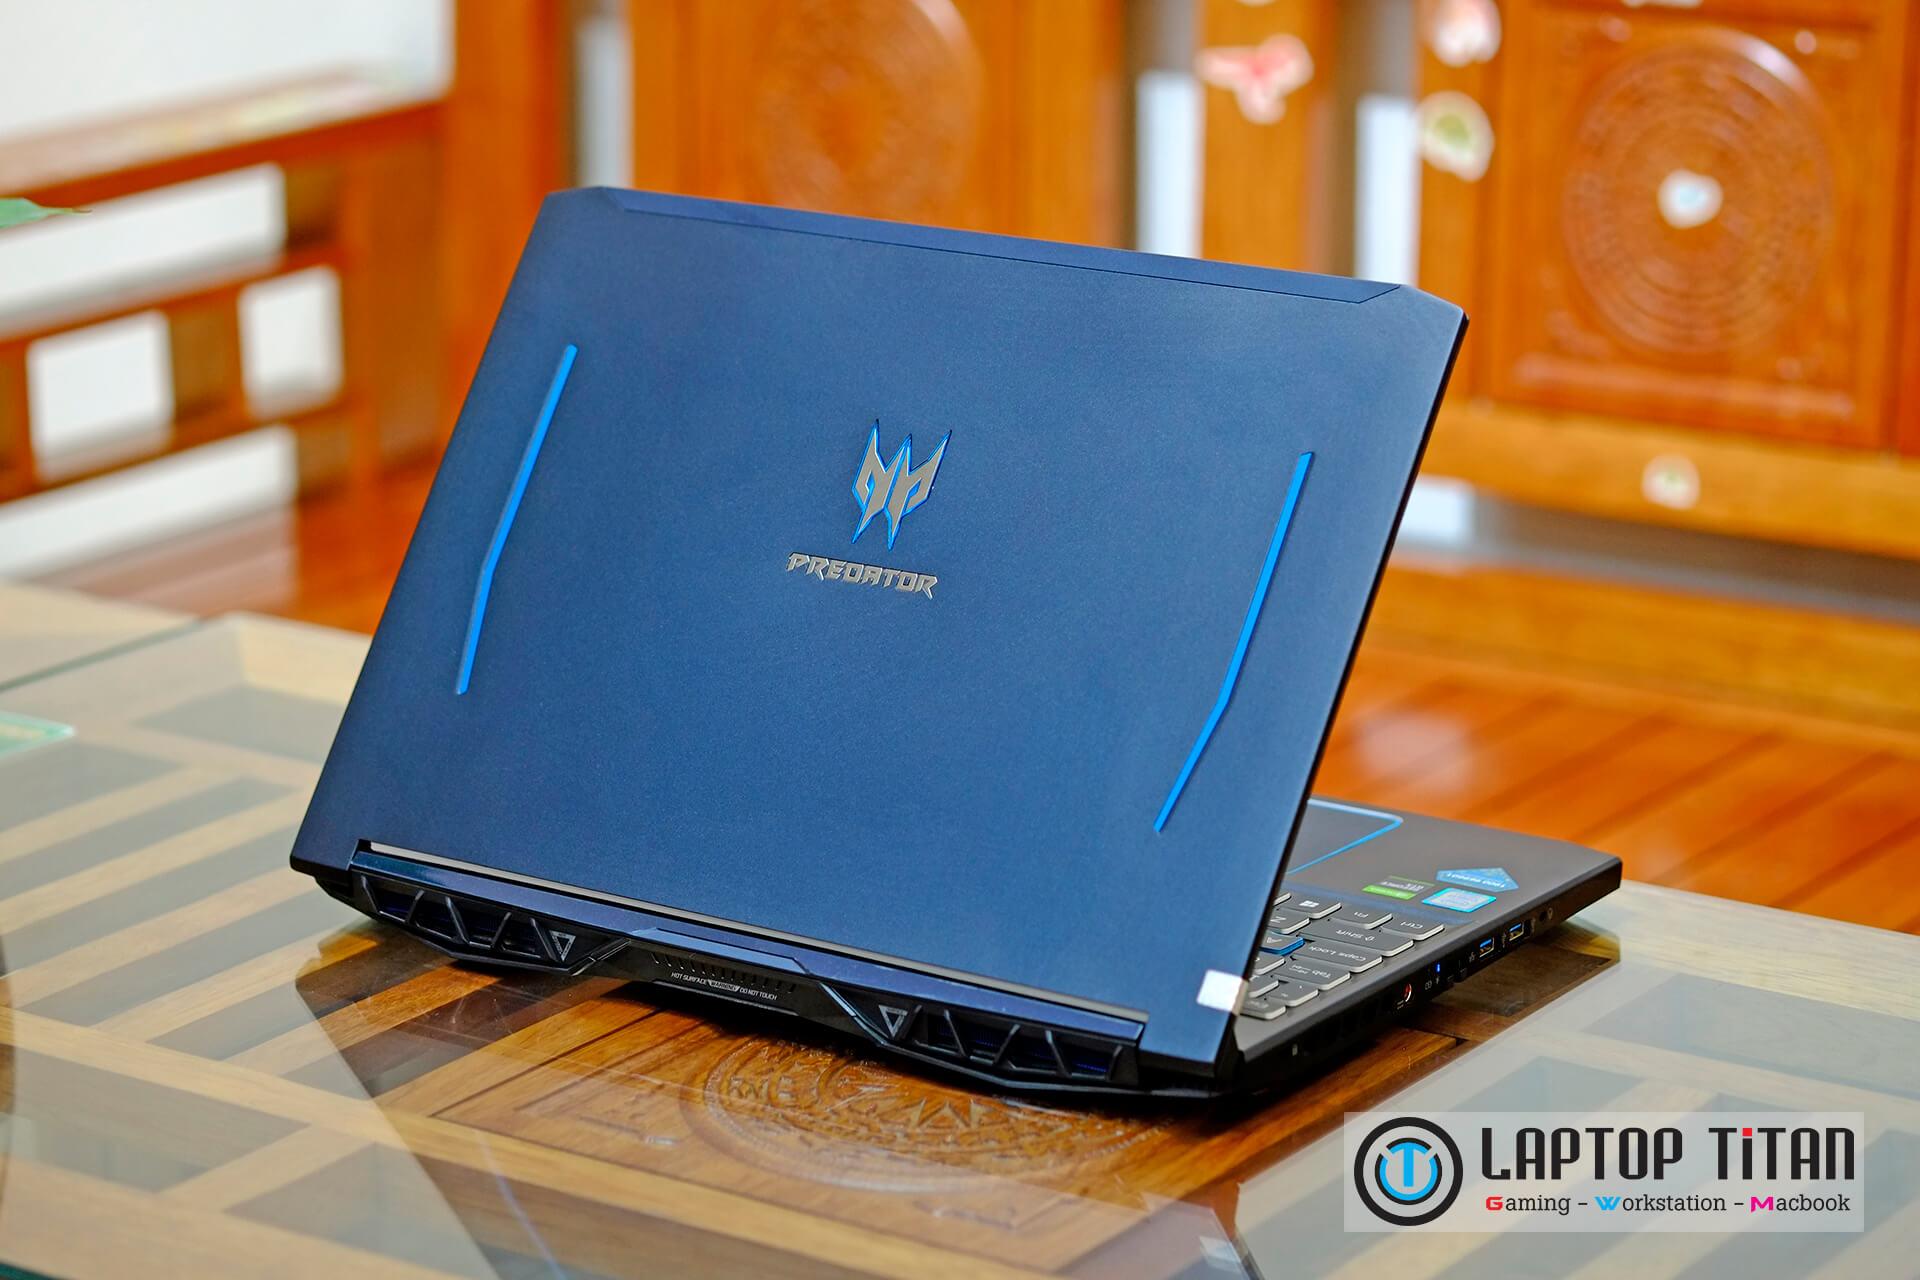 Acer Helios 300 I7 9750H 08